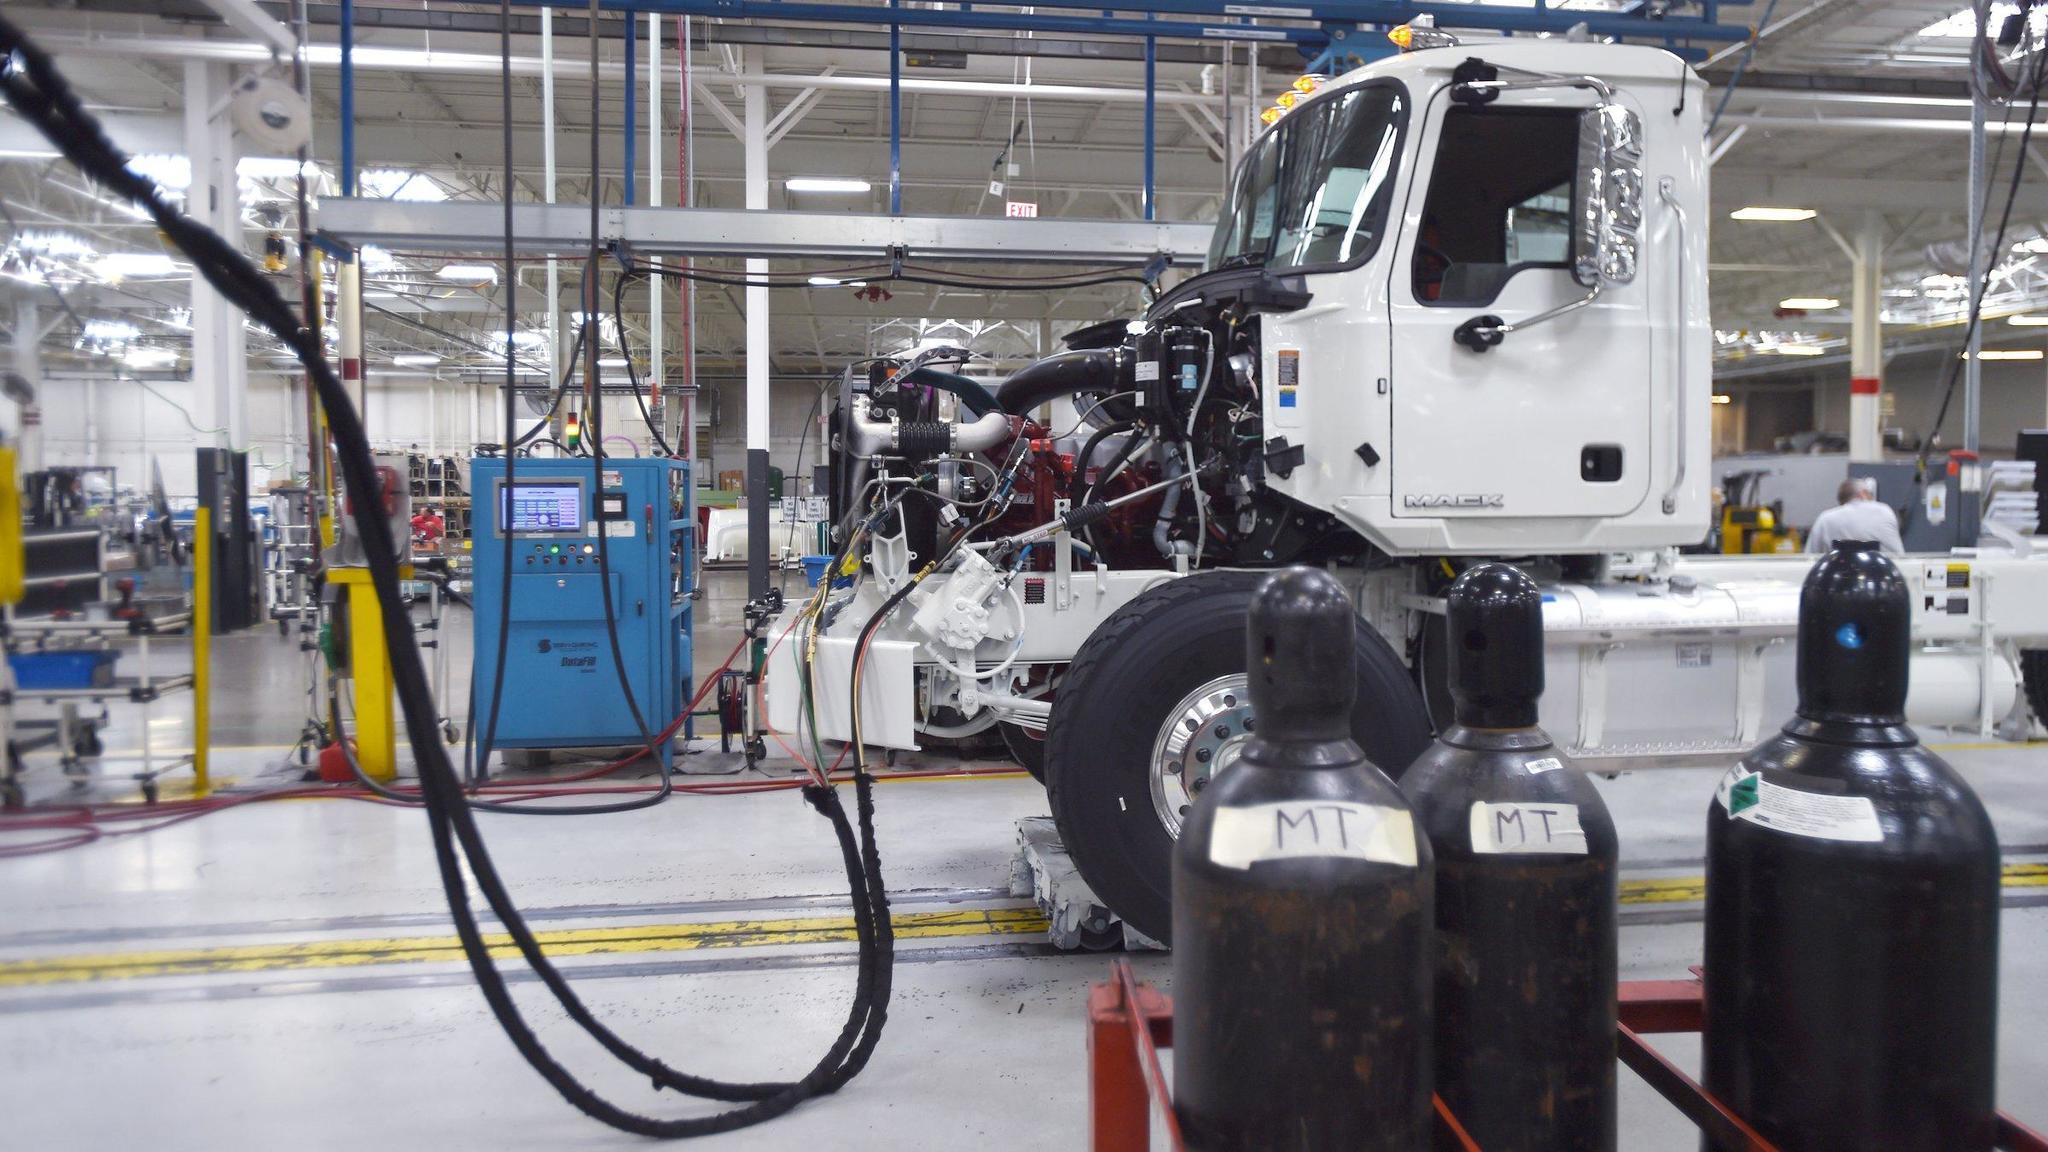 2016 mack truck wiring - wiring diagram online autocar xpeditor wiring  schematic on fiat 128 wiring